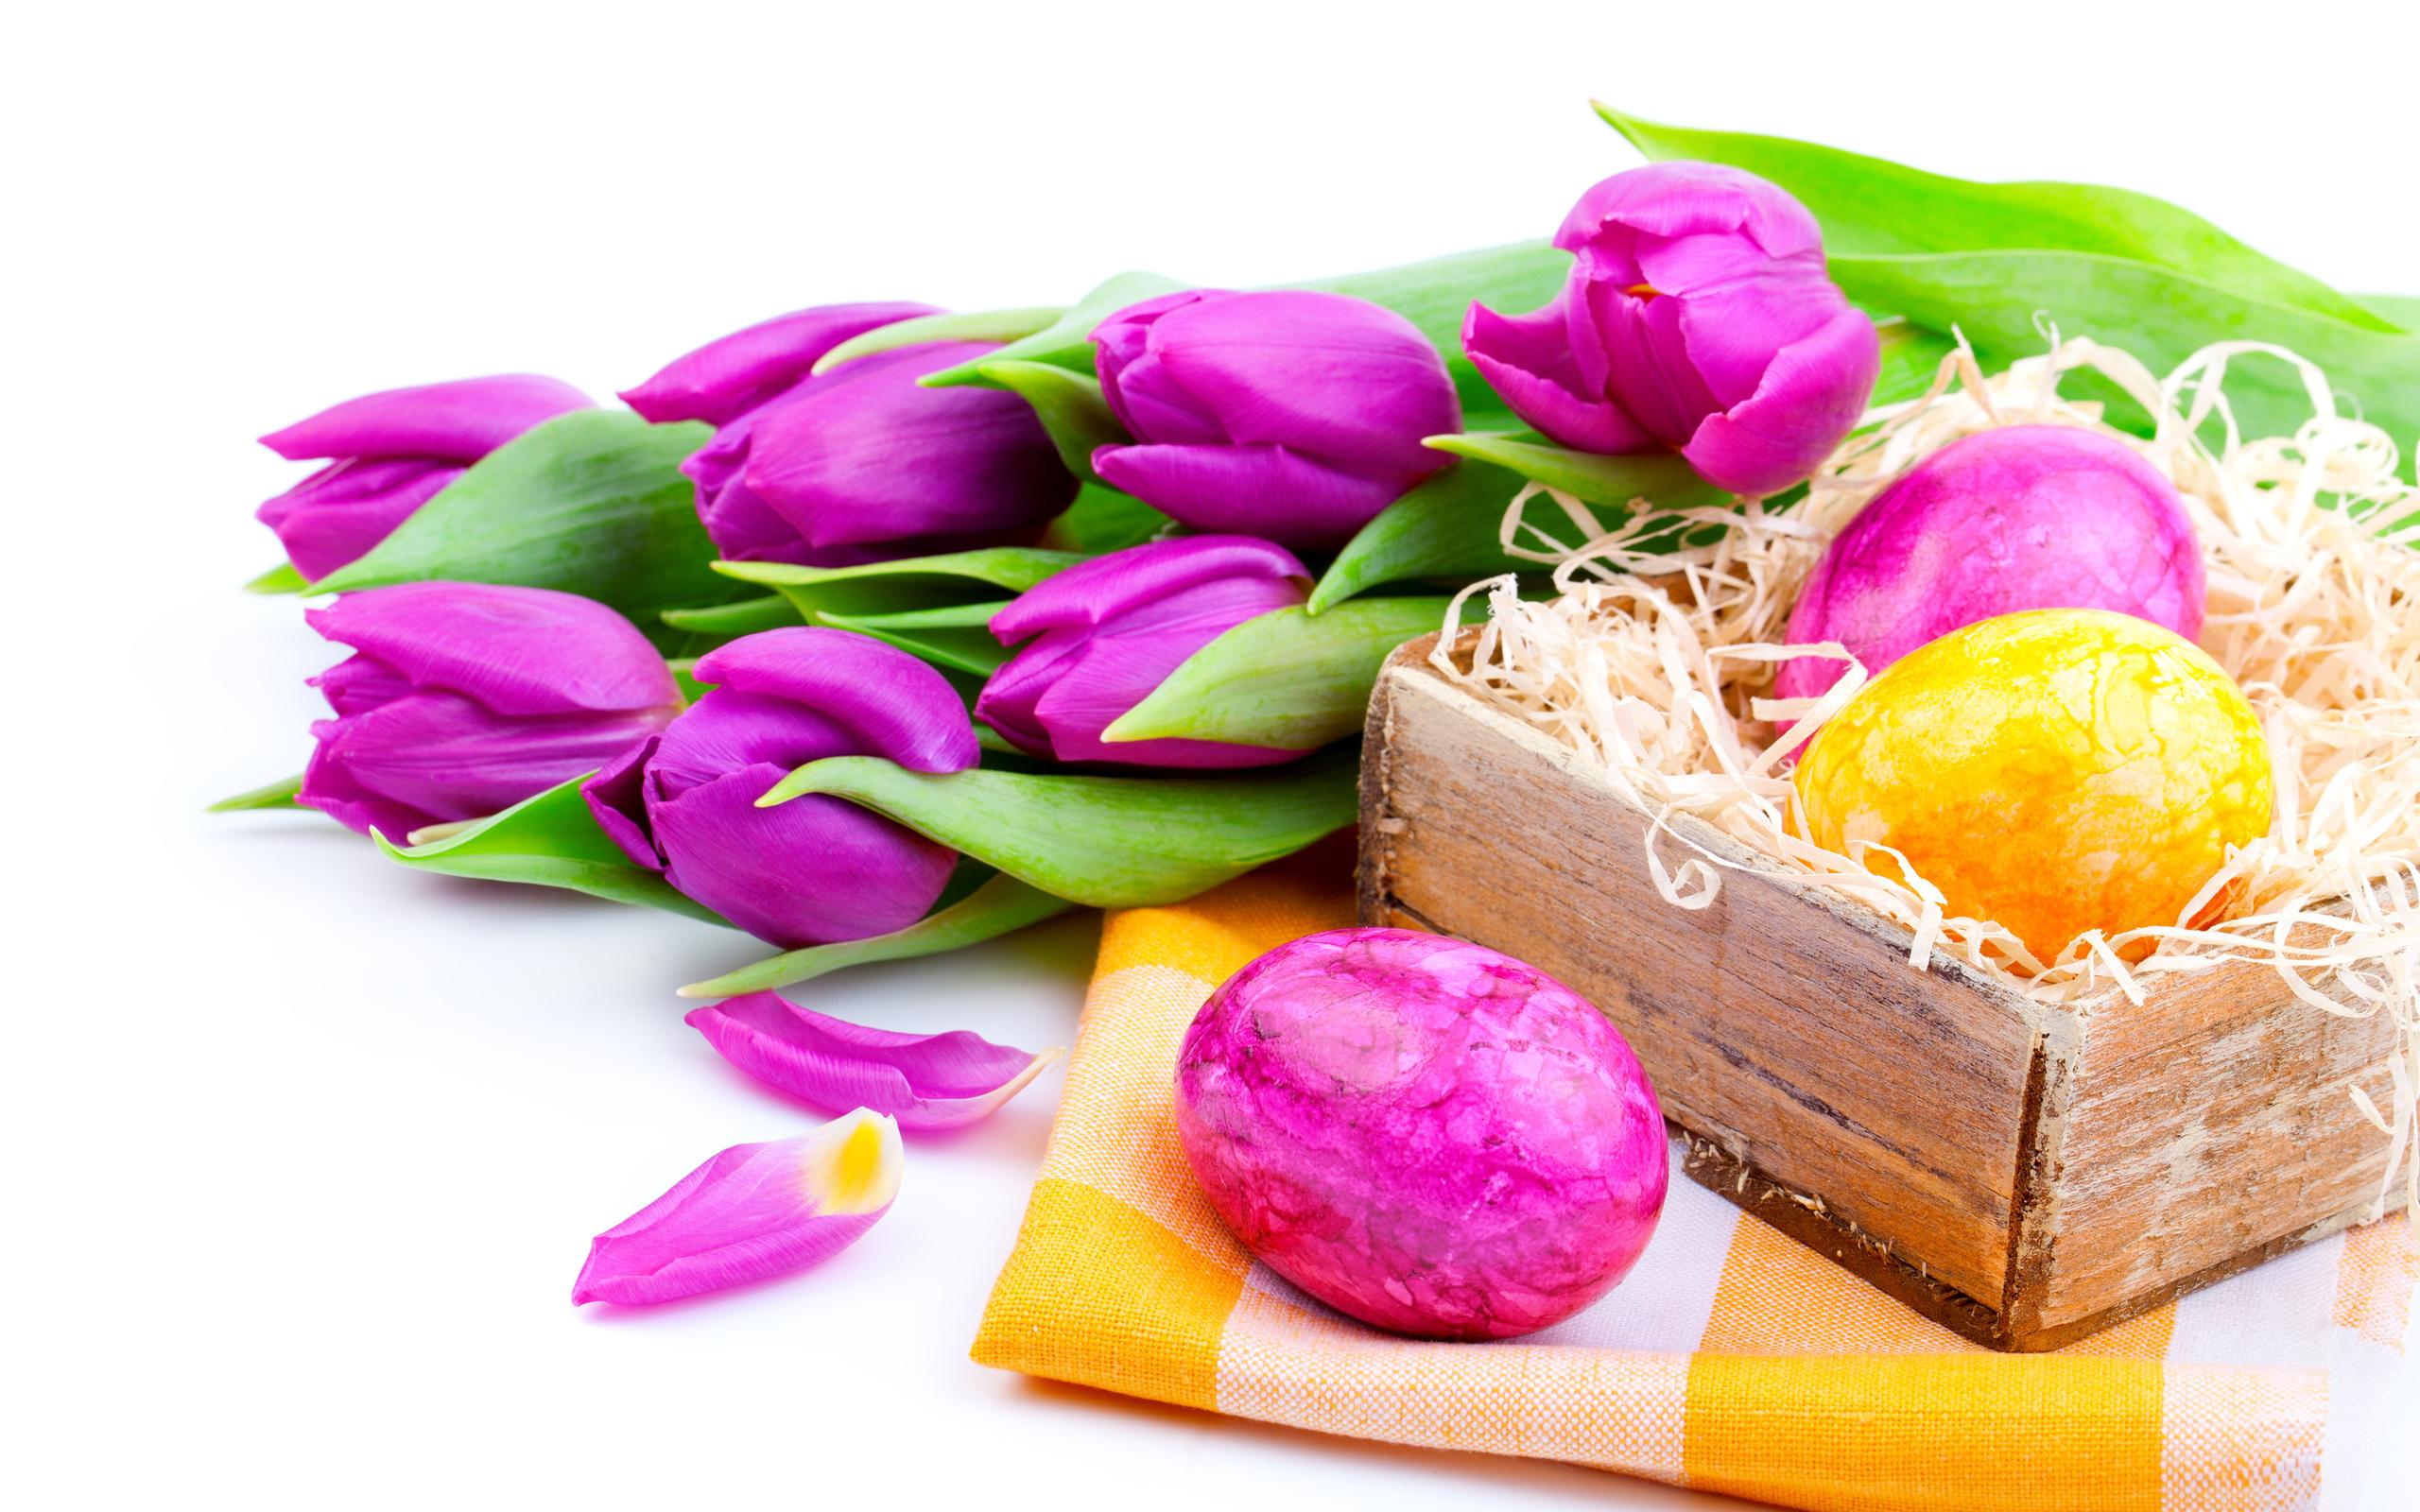 тюльпаны в коробке картинки на фоне полосатых обоев сиреневых расстояние оптимально